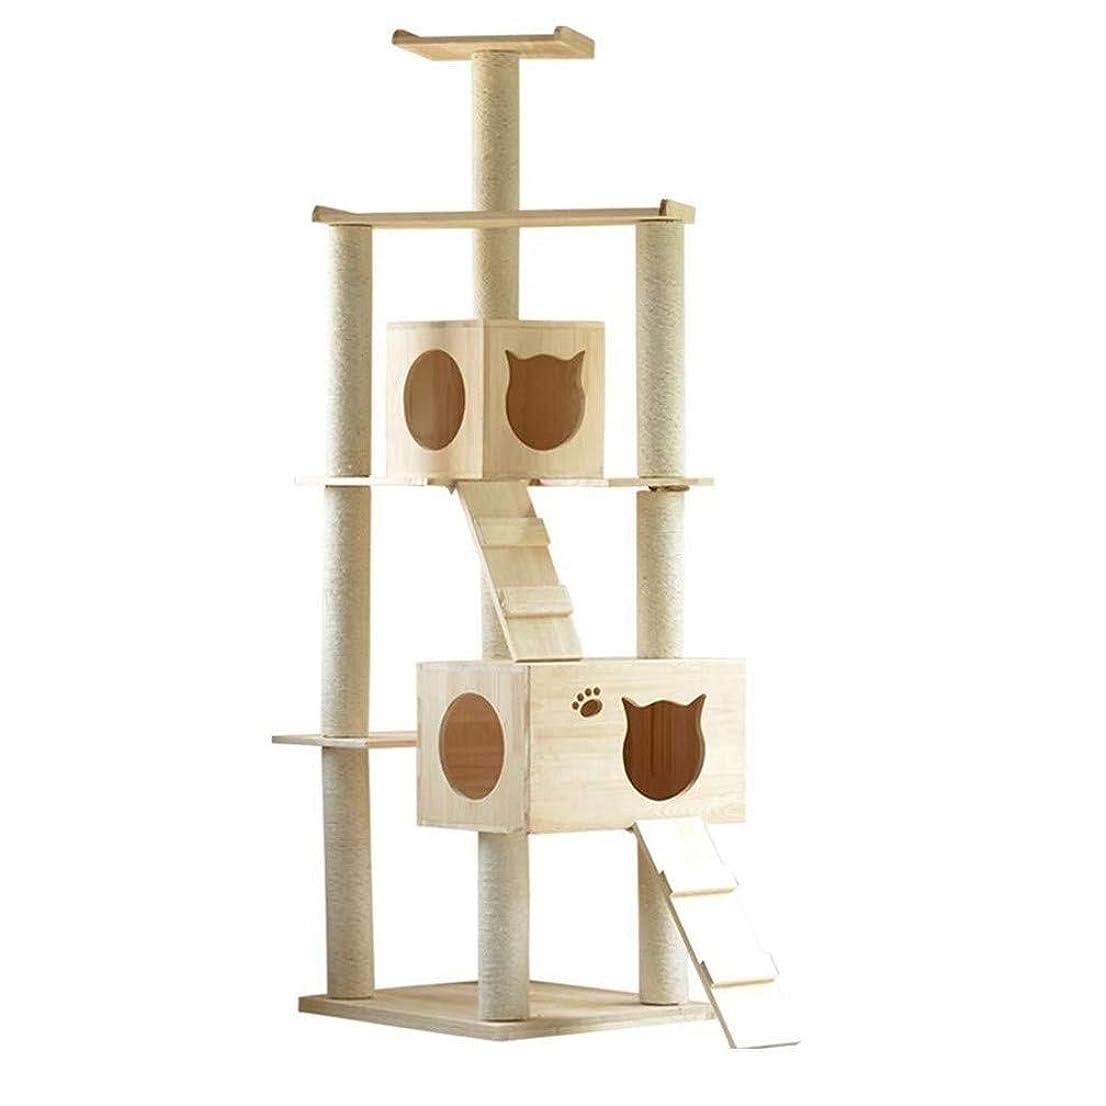 ファシズム気絶させる好きダブルレイヤー階段デザイン猫クライミングフレームアパートラウンジ多層ジャンププラットフォーム遊び場サイザル列の安定したペットは、タワーツリーを再生します